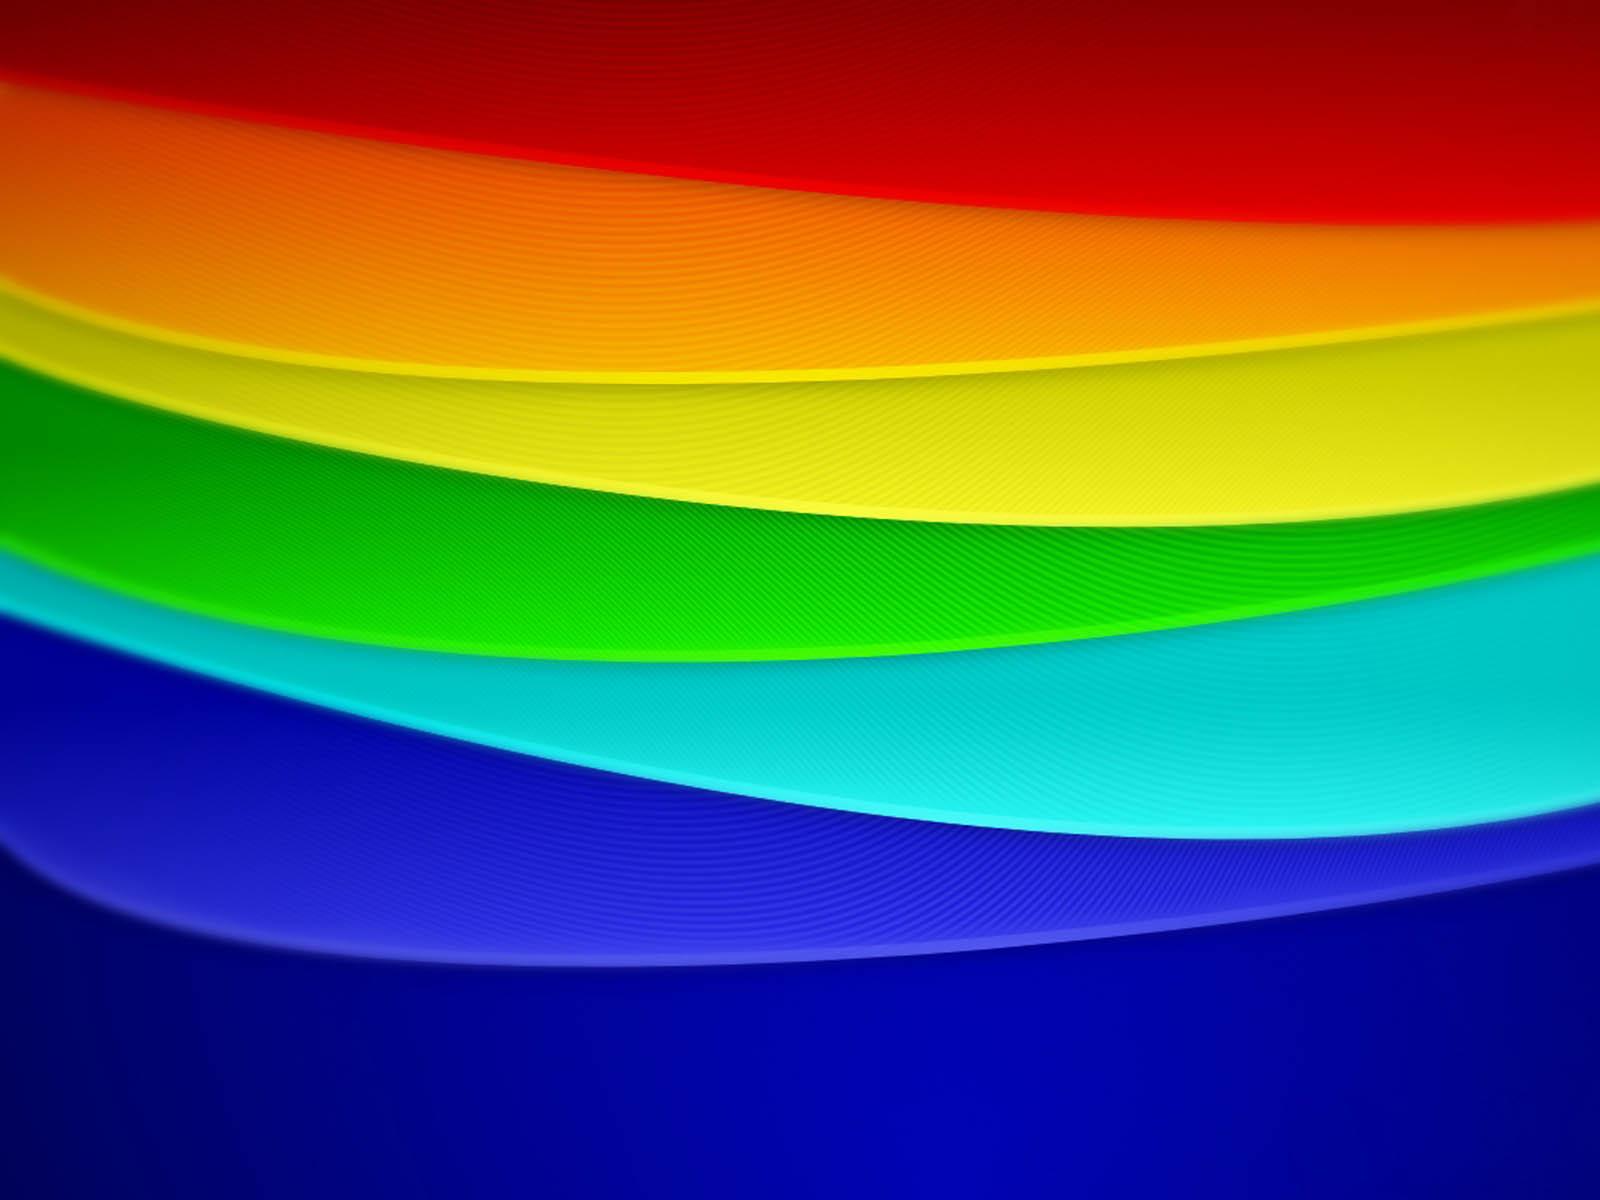 радуга, скачать фото, обои для рабочего стола, rainbow wallpaper